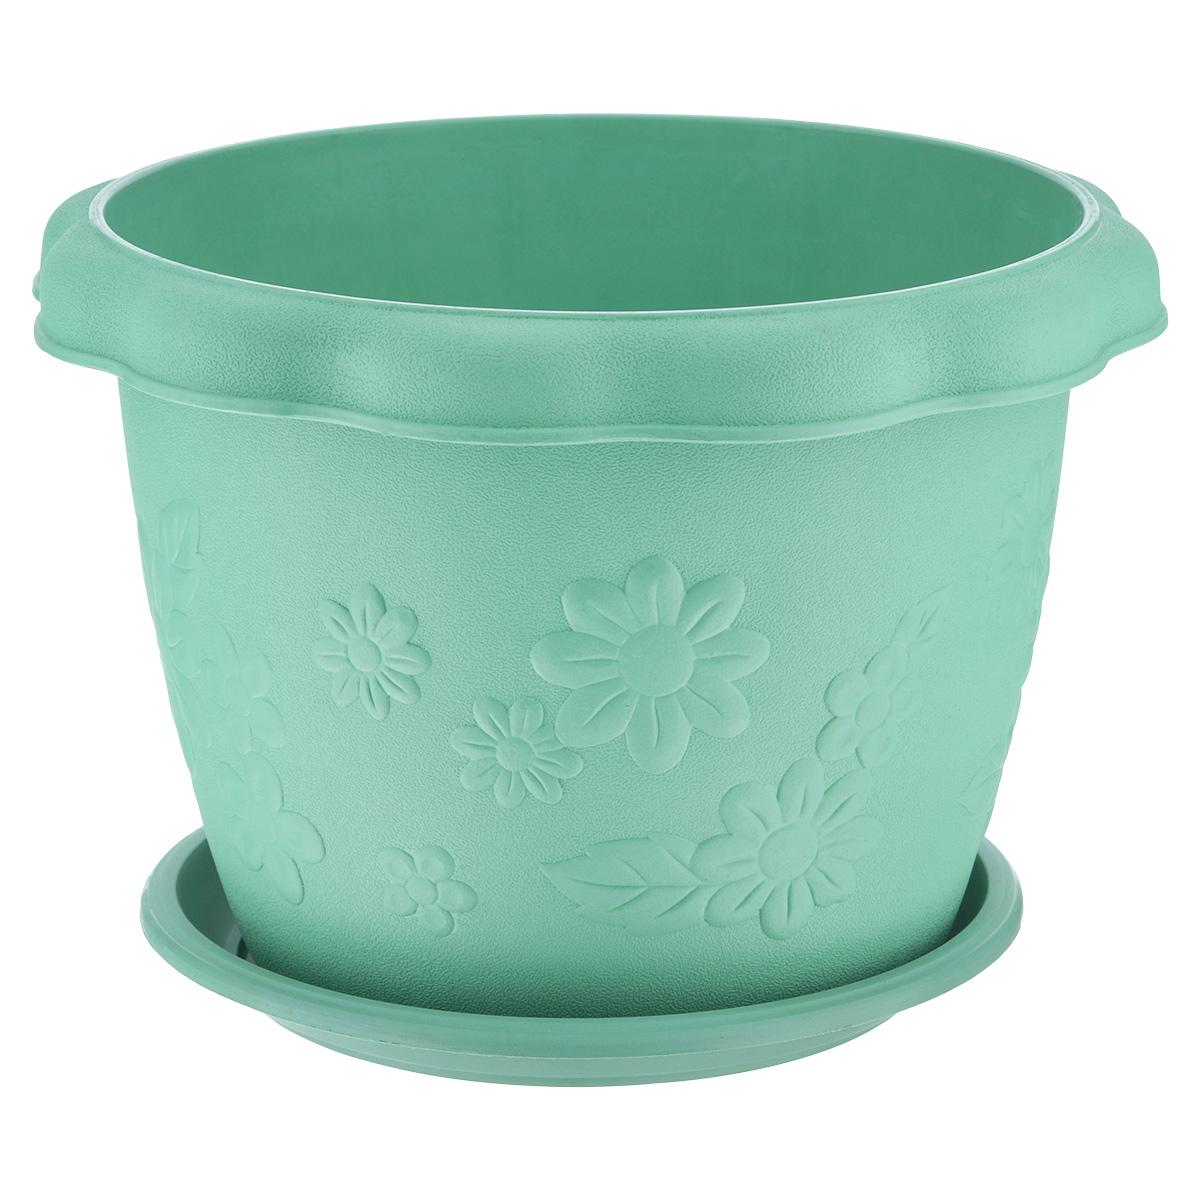 Кашпо Ludu Цветы, с поддоном, цвет: зеленый, диаметр 29 смKD3905GКашпо Ludu Цветы изготовлено из высококачественного пластика. Специальный поддон предназначен для стока воды. Изделие прекрасно подходит для выращивания растений и цветов в домашних условиях. Лаконичный дизайн впишется в интерьер любого помещения. Диаметр поддона: 24 см.